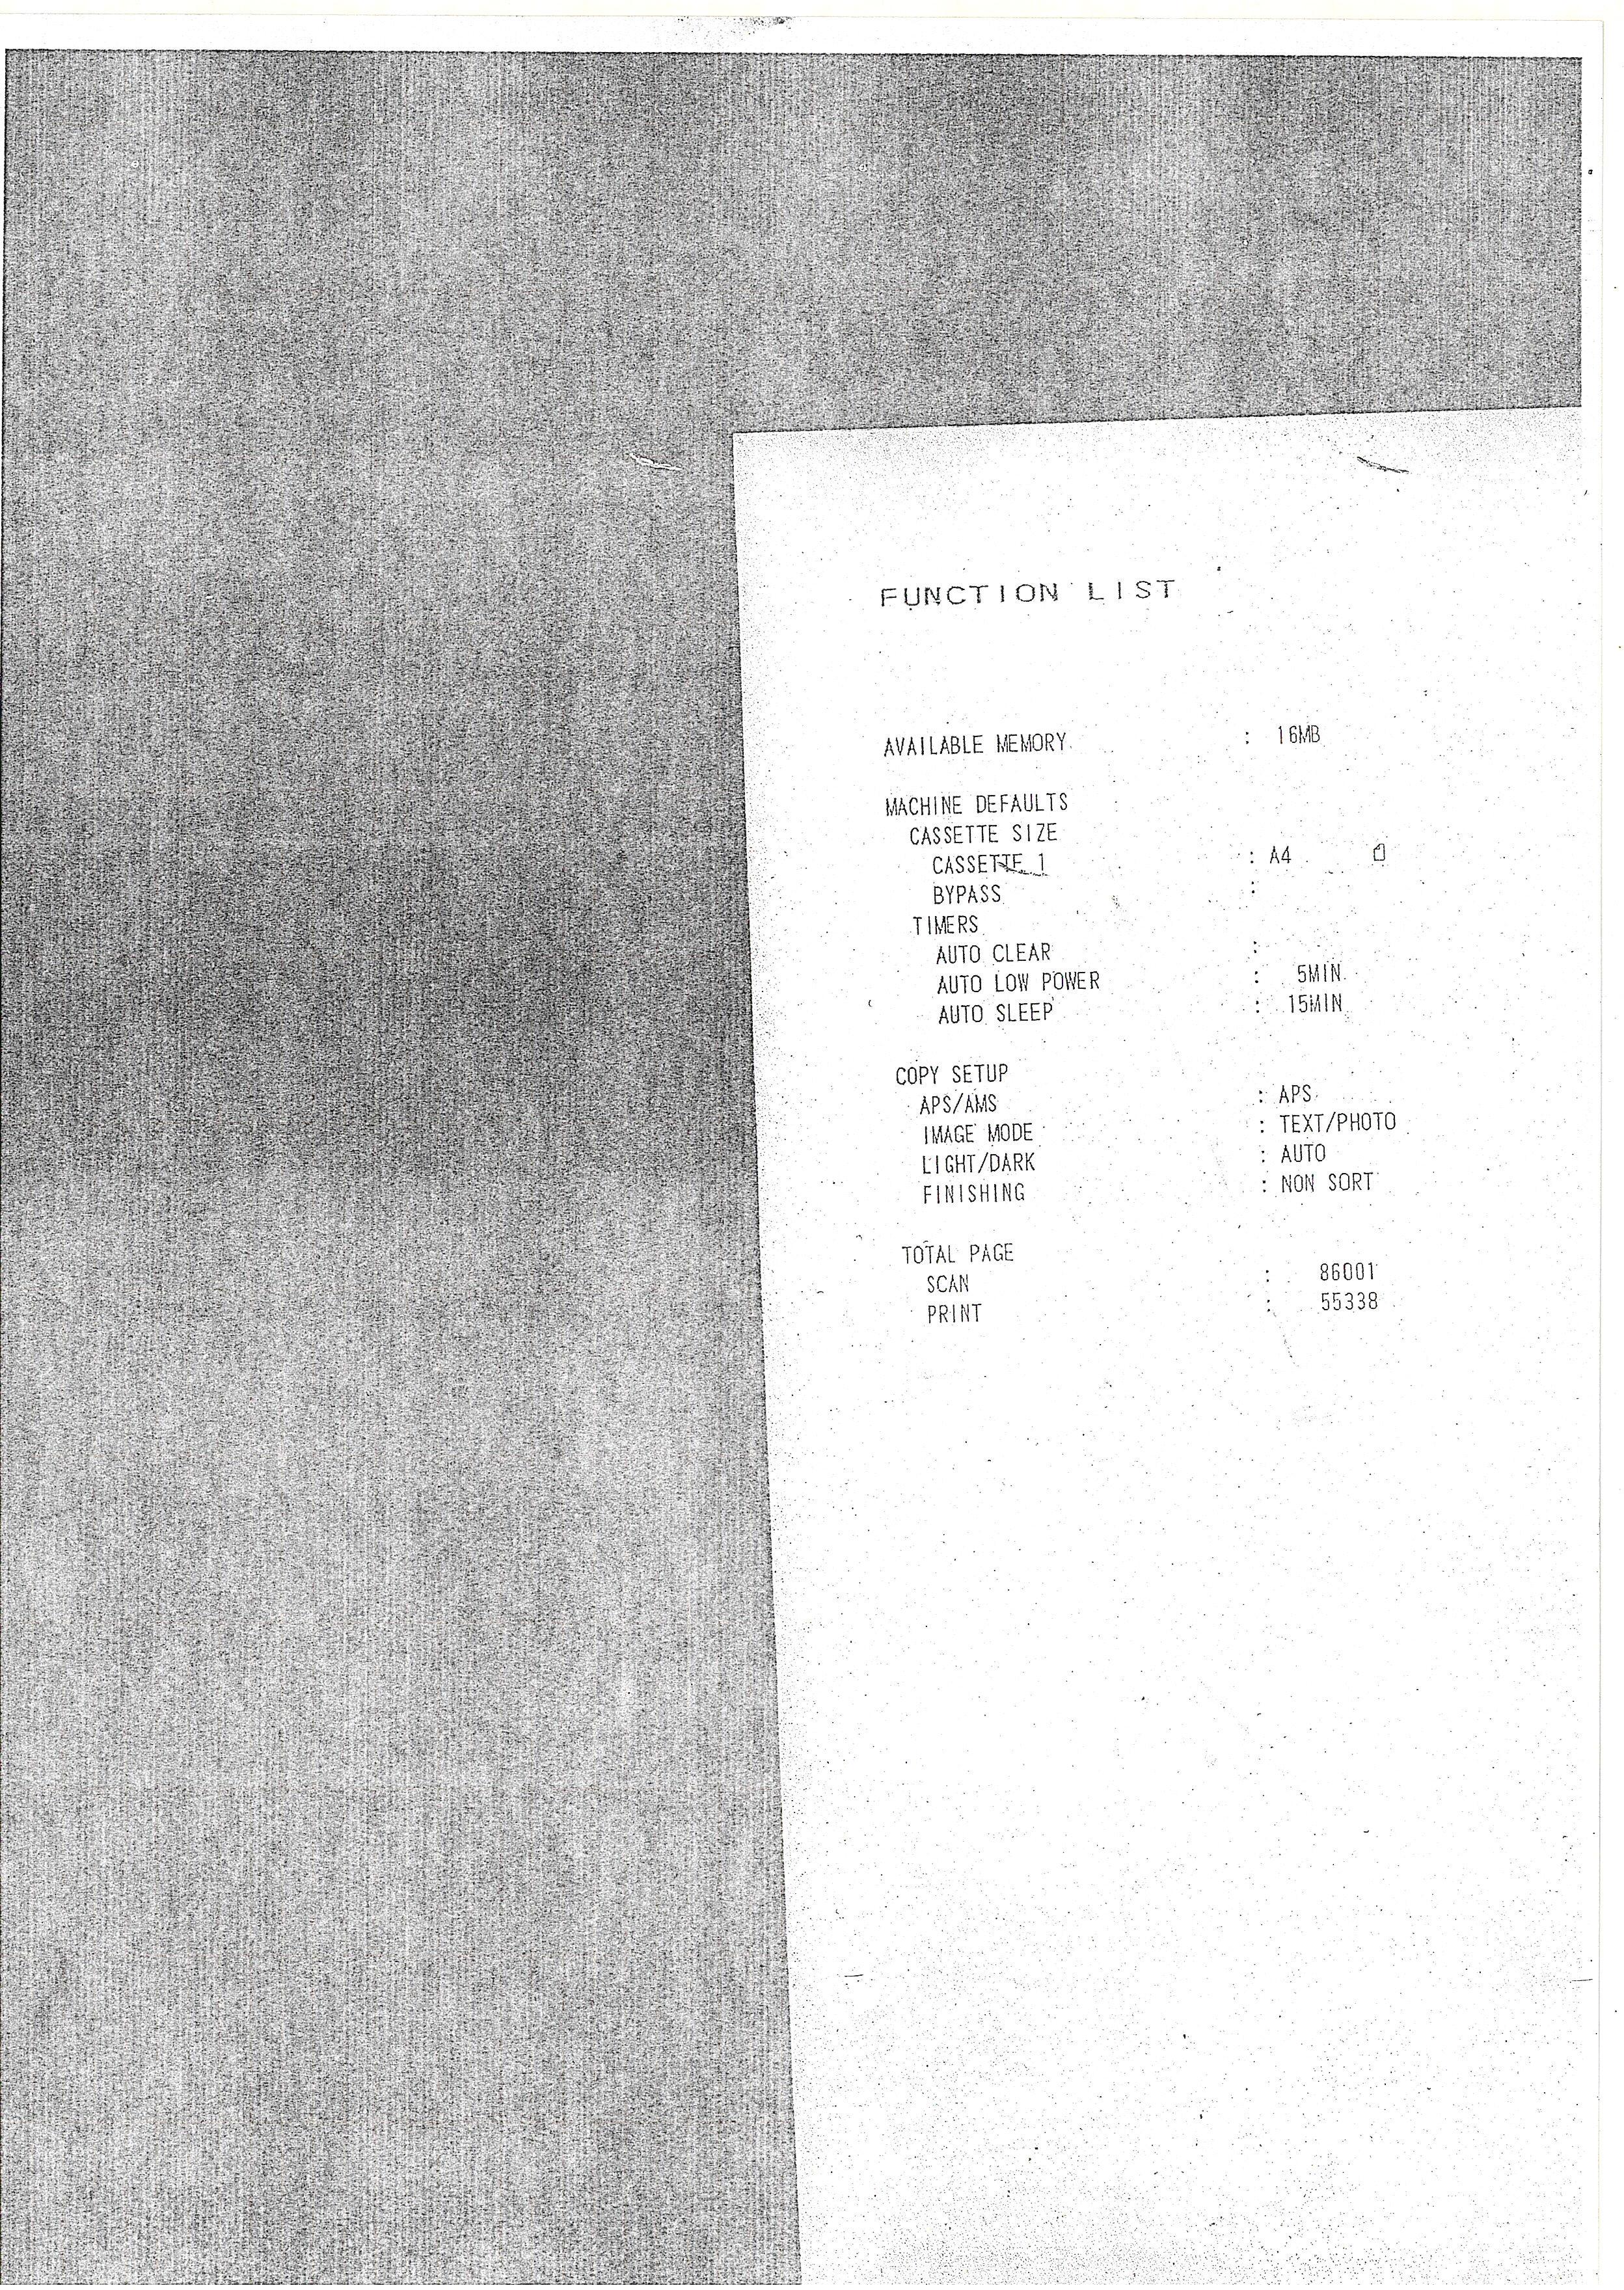 Toshiba estudio 166 blada kopia